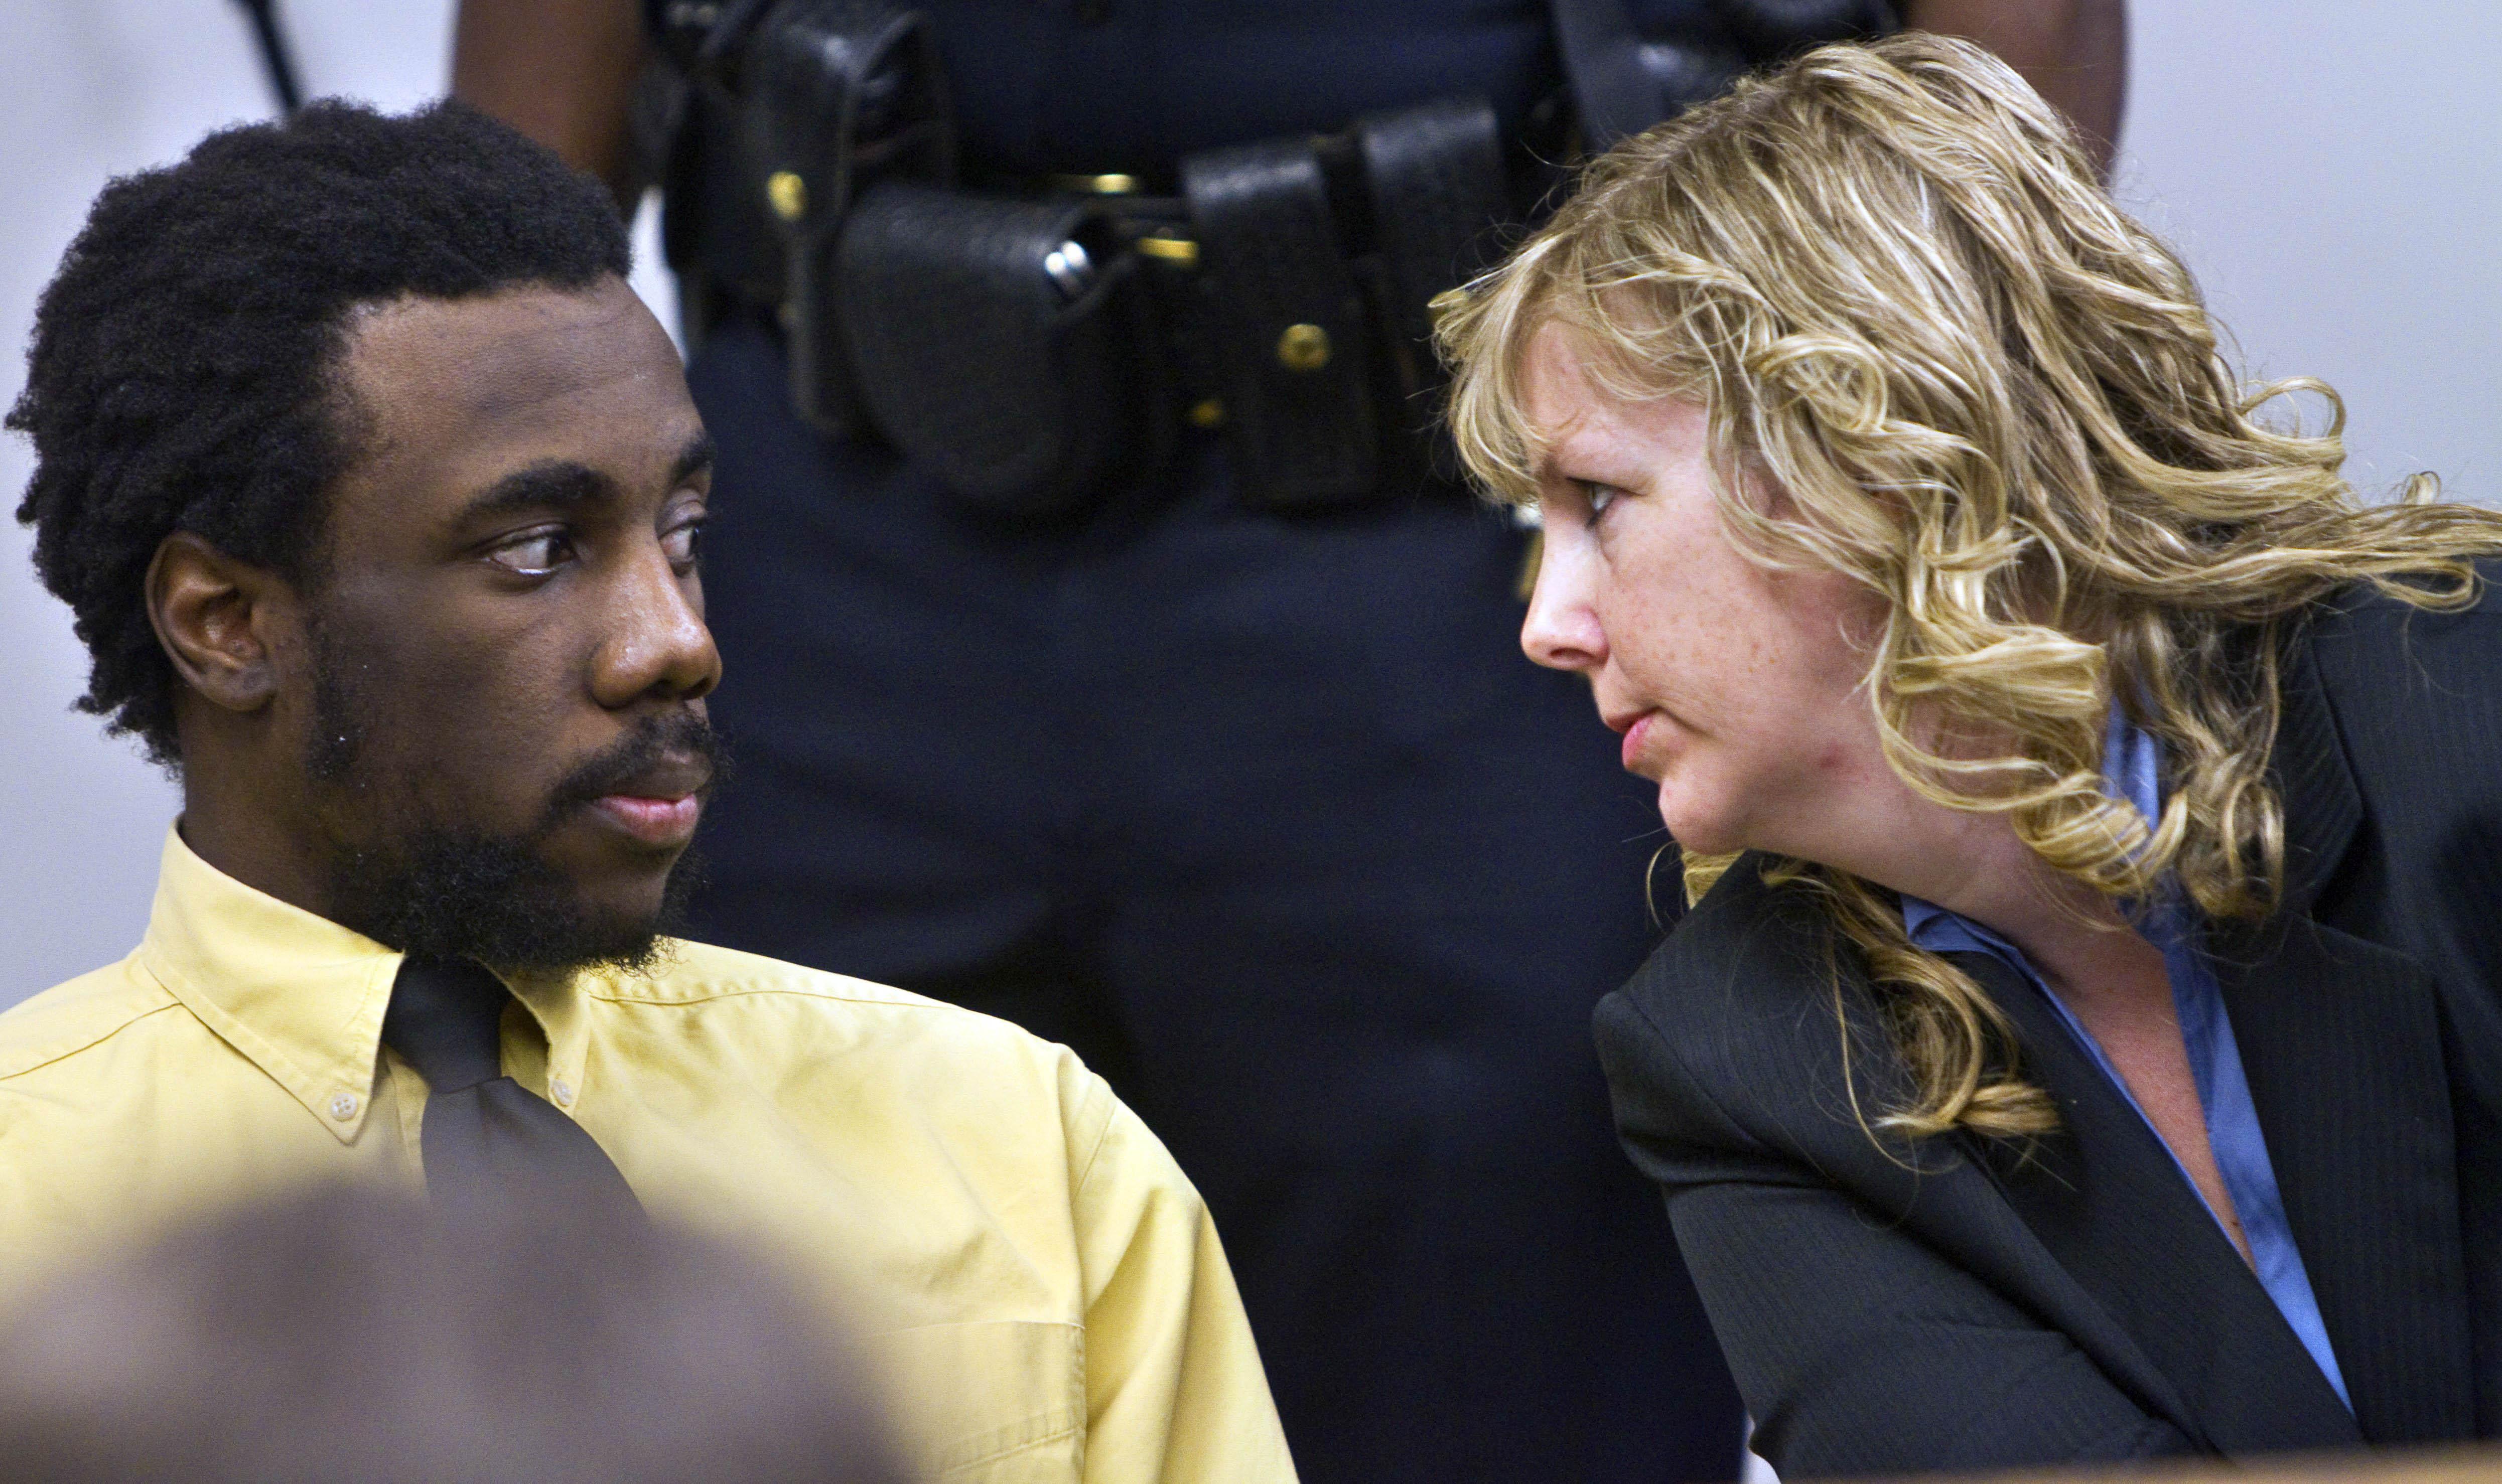 Isaiah Kalebu com sua advogada no julgamento pela morte de Teresa Butz. Crédito: Mike Siegel/AP Photo